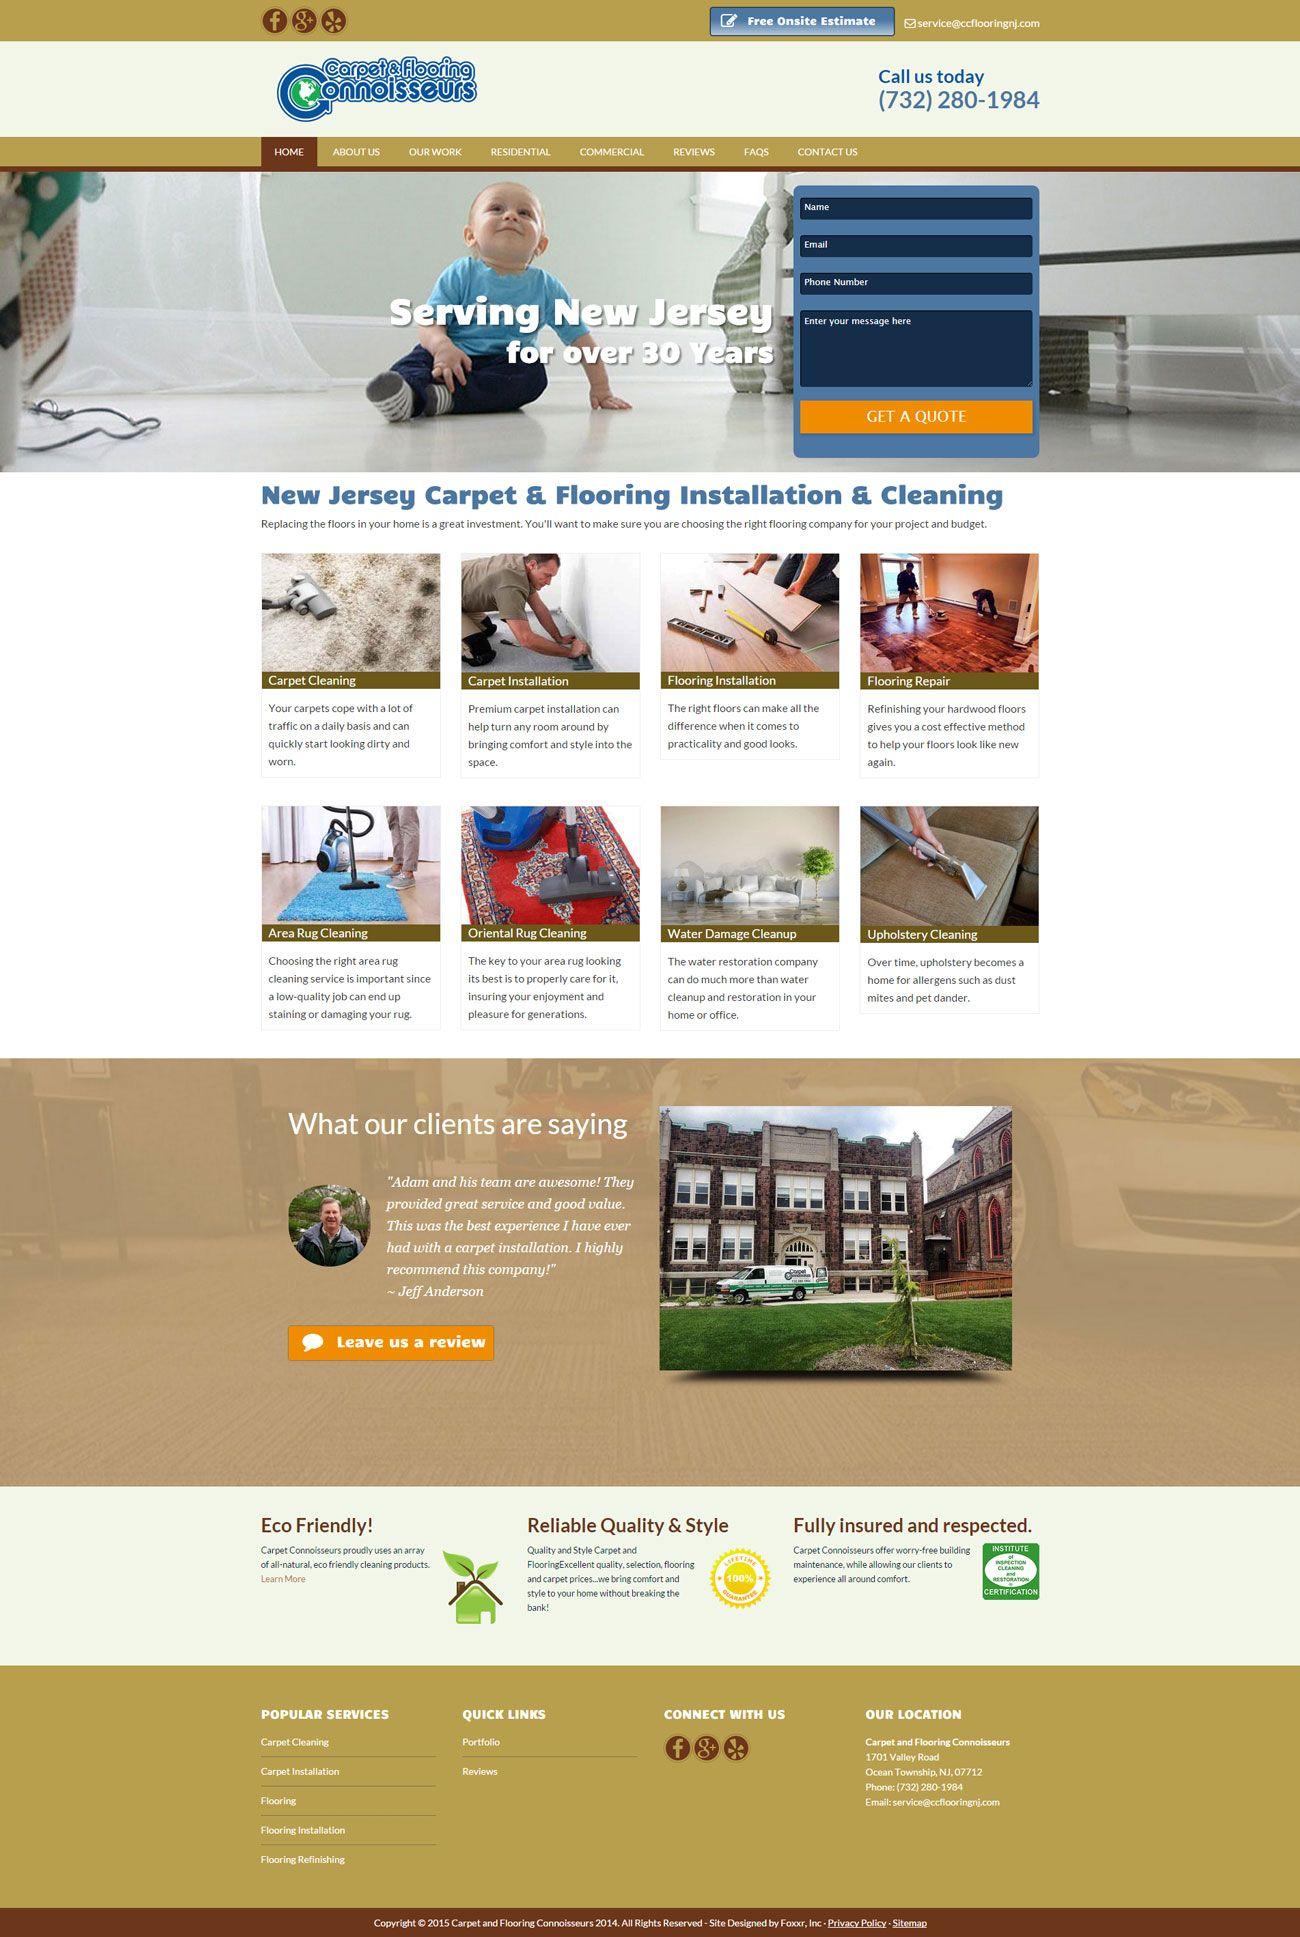 Ocean Township Nj Web Design Carpet Flooring Connoisseurs Small Business Web Design Web Design Web Design Projects